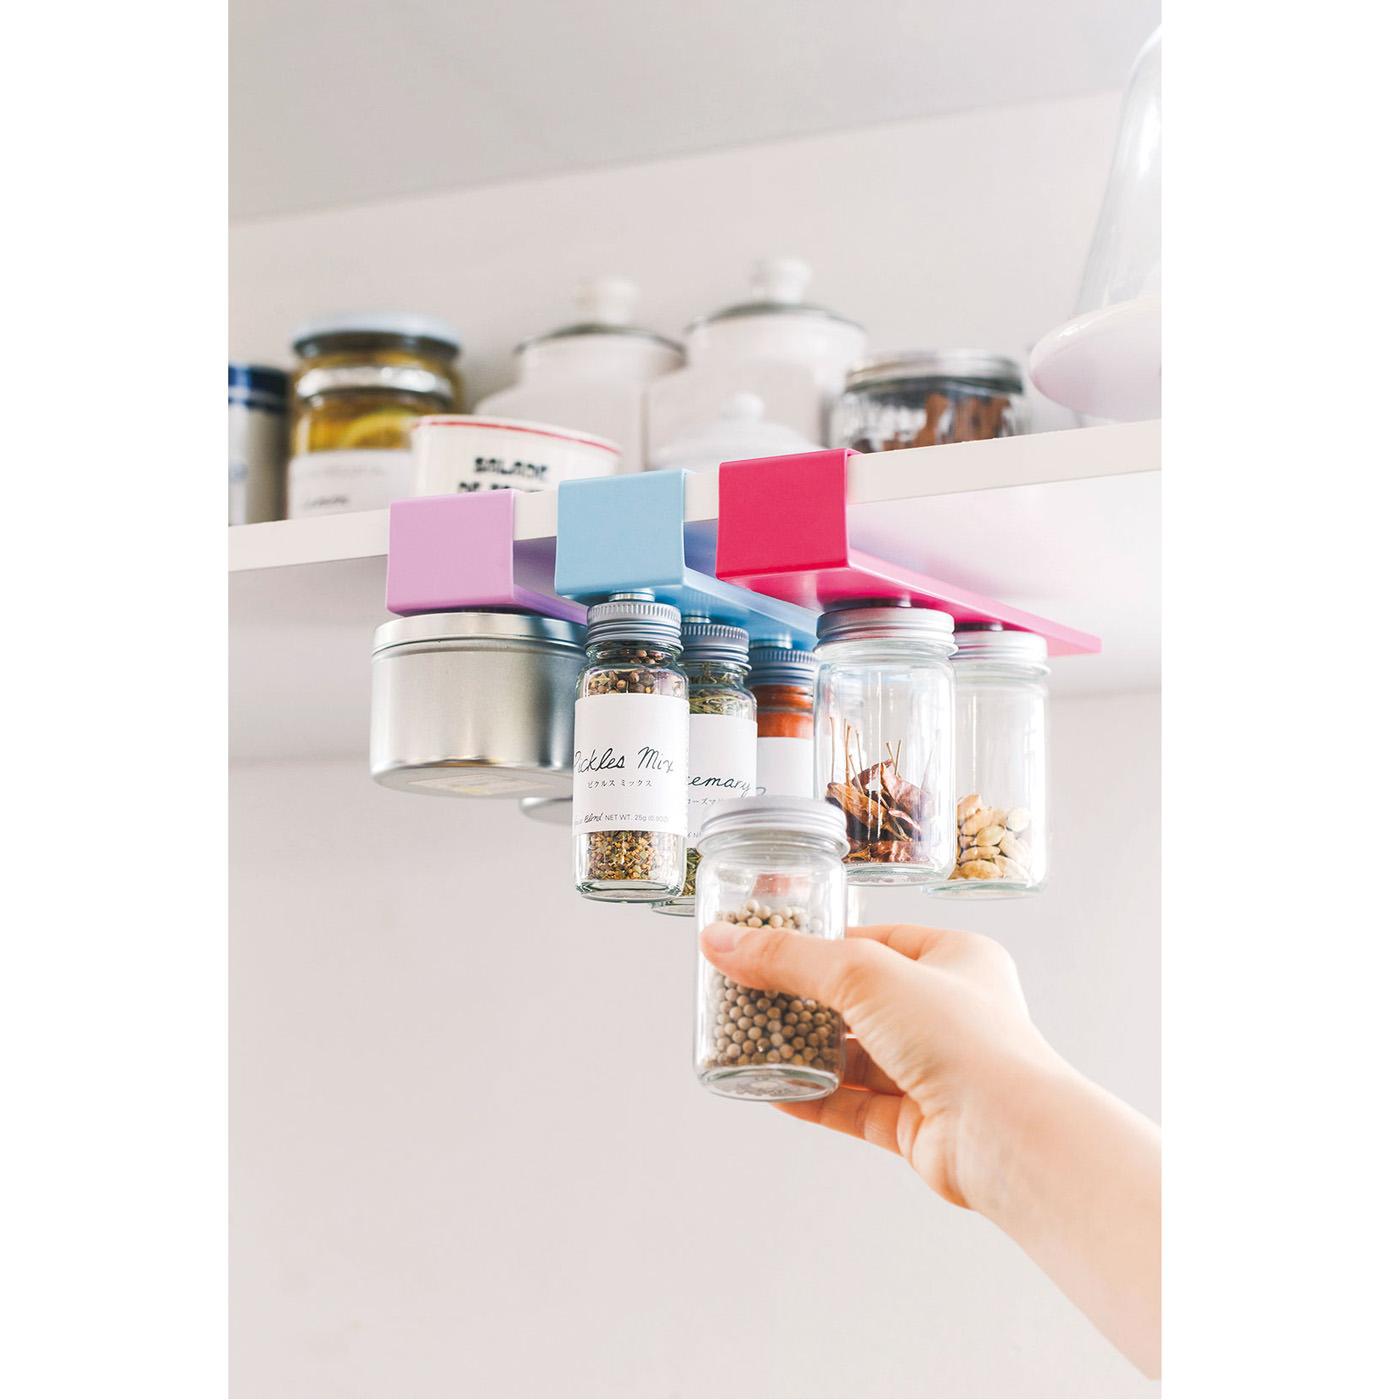 つり戸棚などの棚板にスパイスをつり下げ収納。